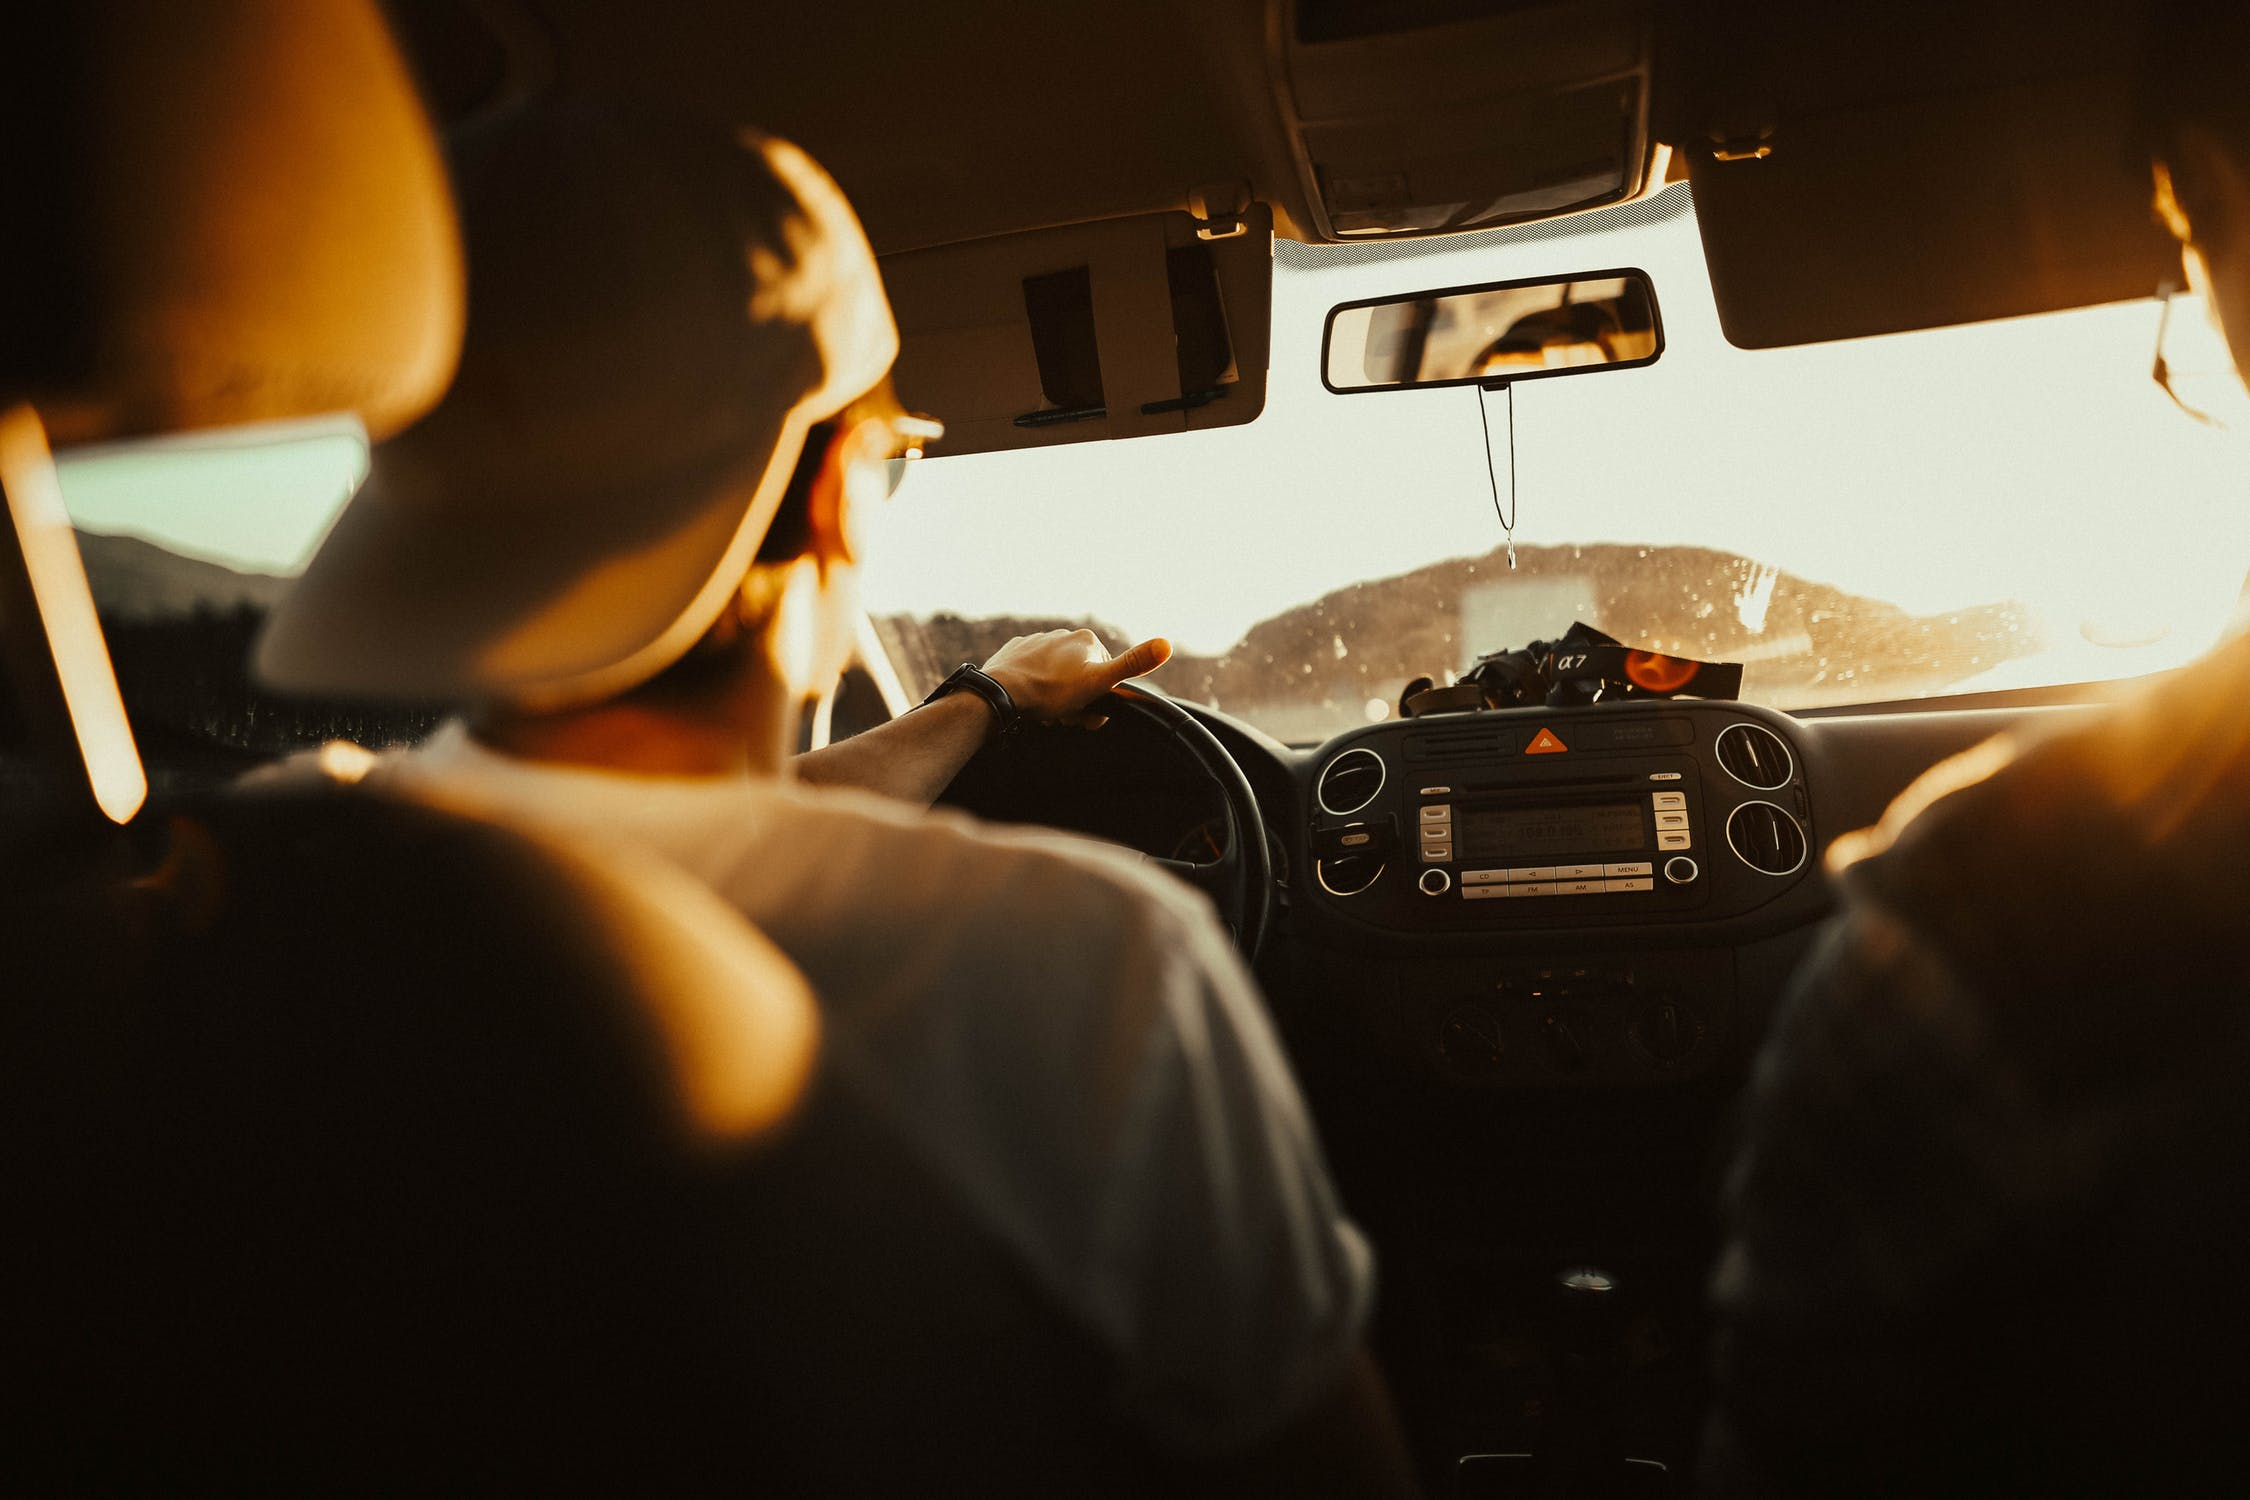 Dreng køre bil